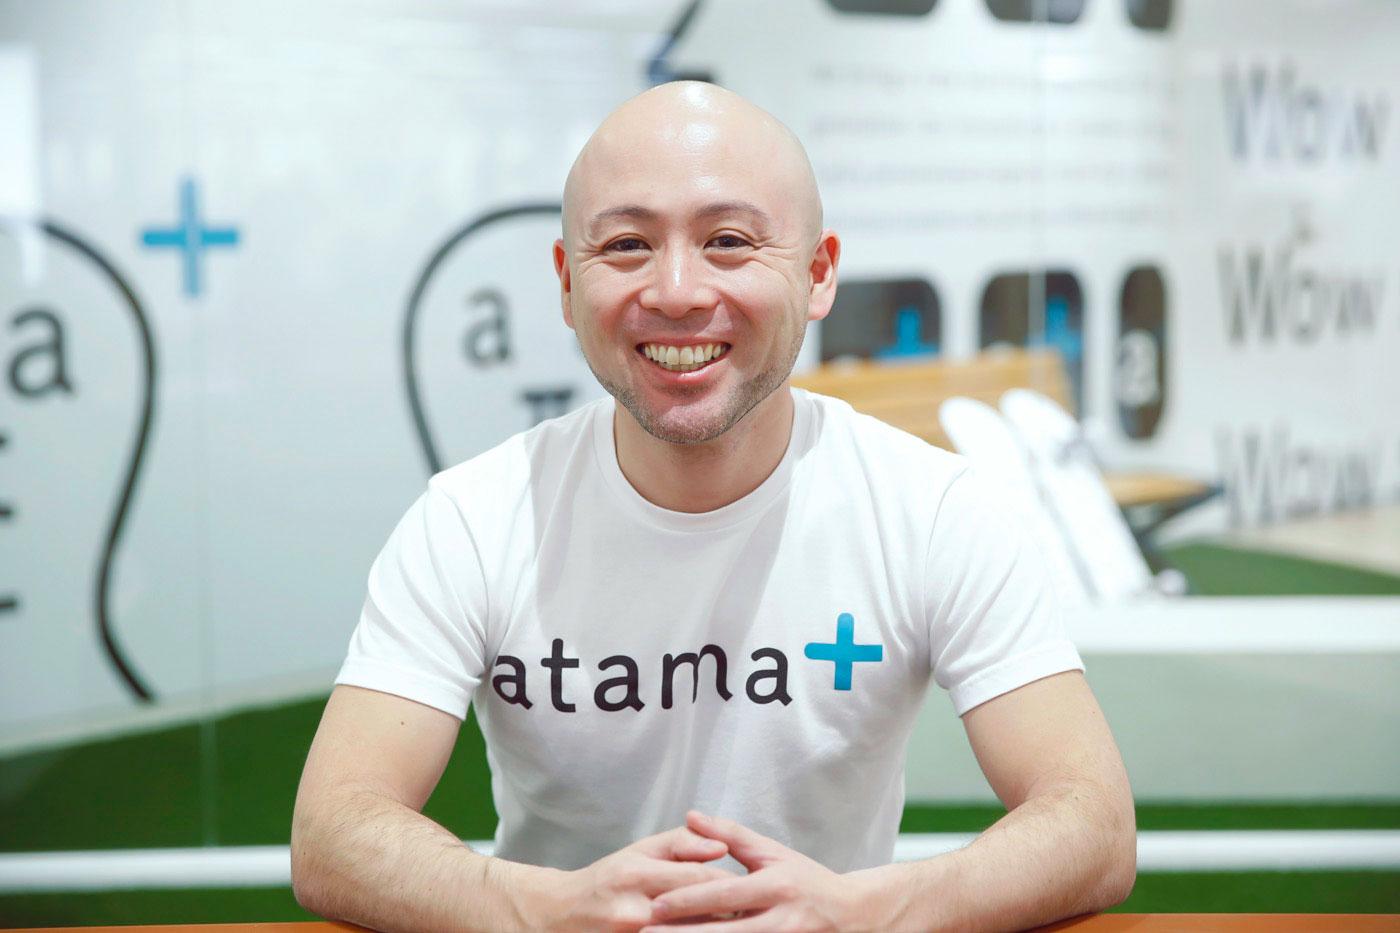 atama plus株式会社Founder稲田大輔さん